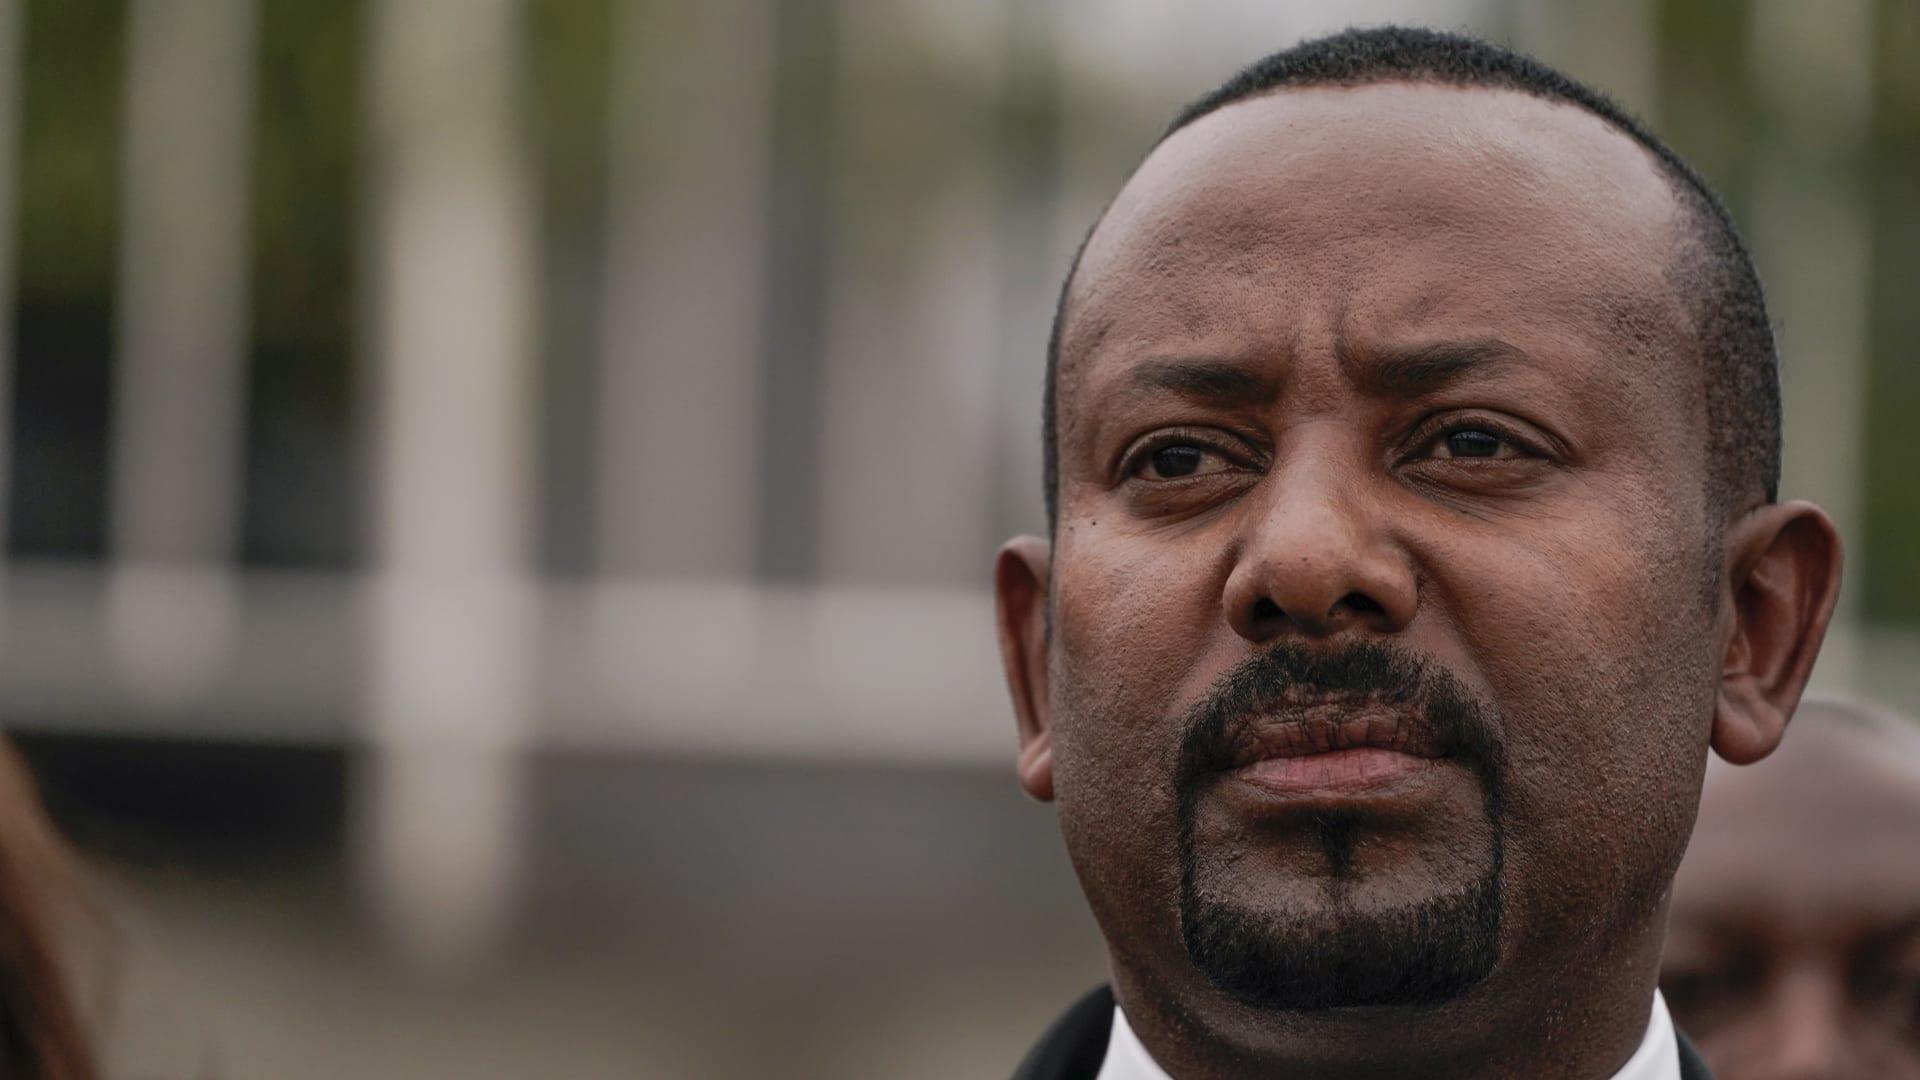 رئيس وزراء إثيوبيا يهنئ شبعه بالملء الثاني لخزان سد النهضة